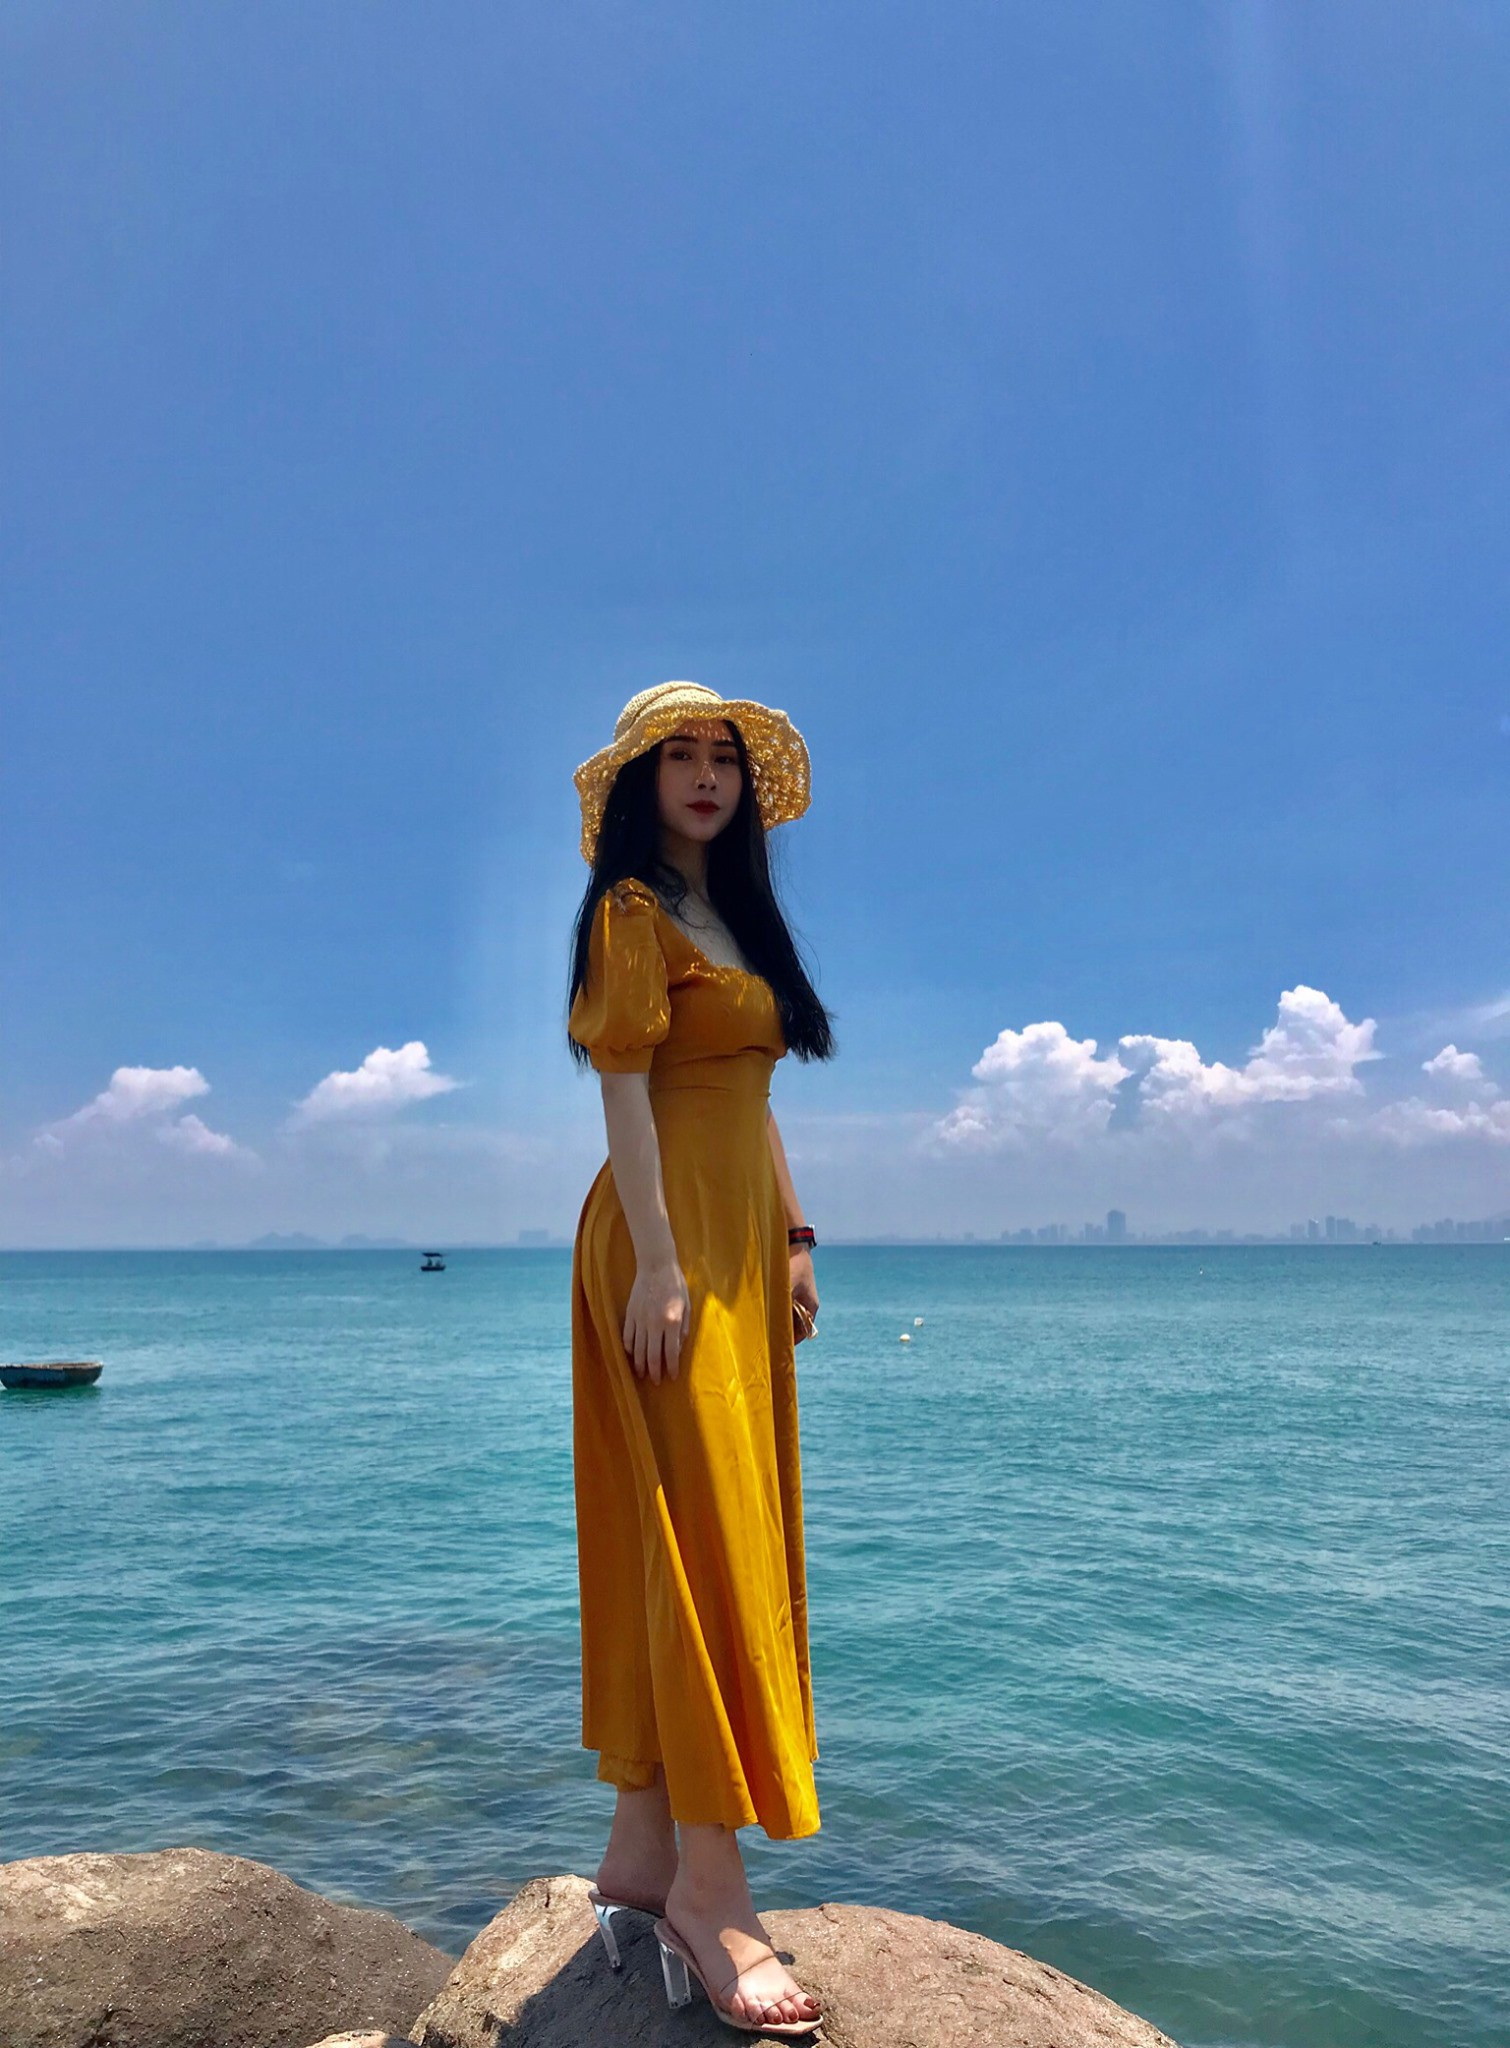 Dân mạng đã tìm ra infor cô gái có body nóng bỏng được cho là bạn gái của tuyển thủ Việt Nam Huỳnh Tấn Sinh - Ảnh 8.